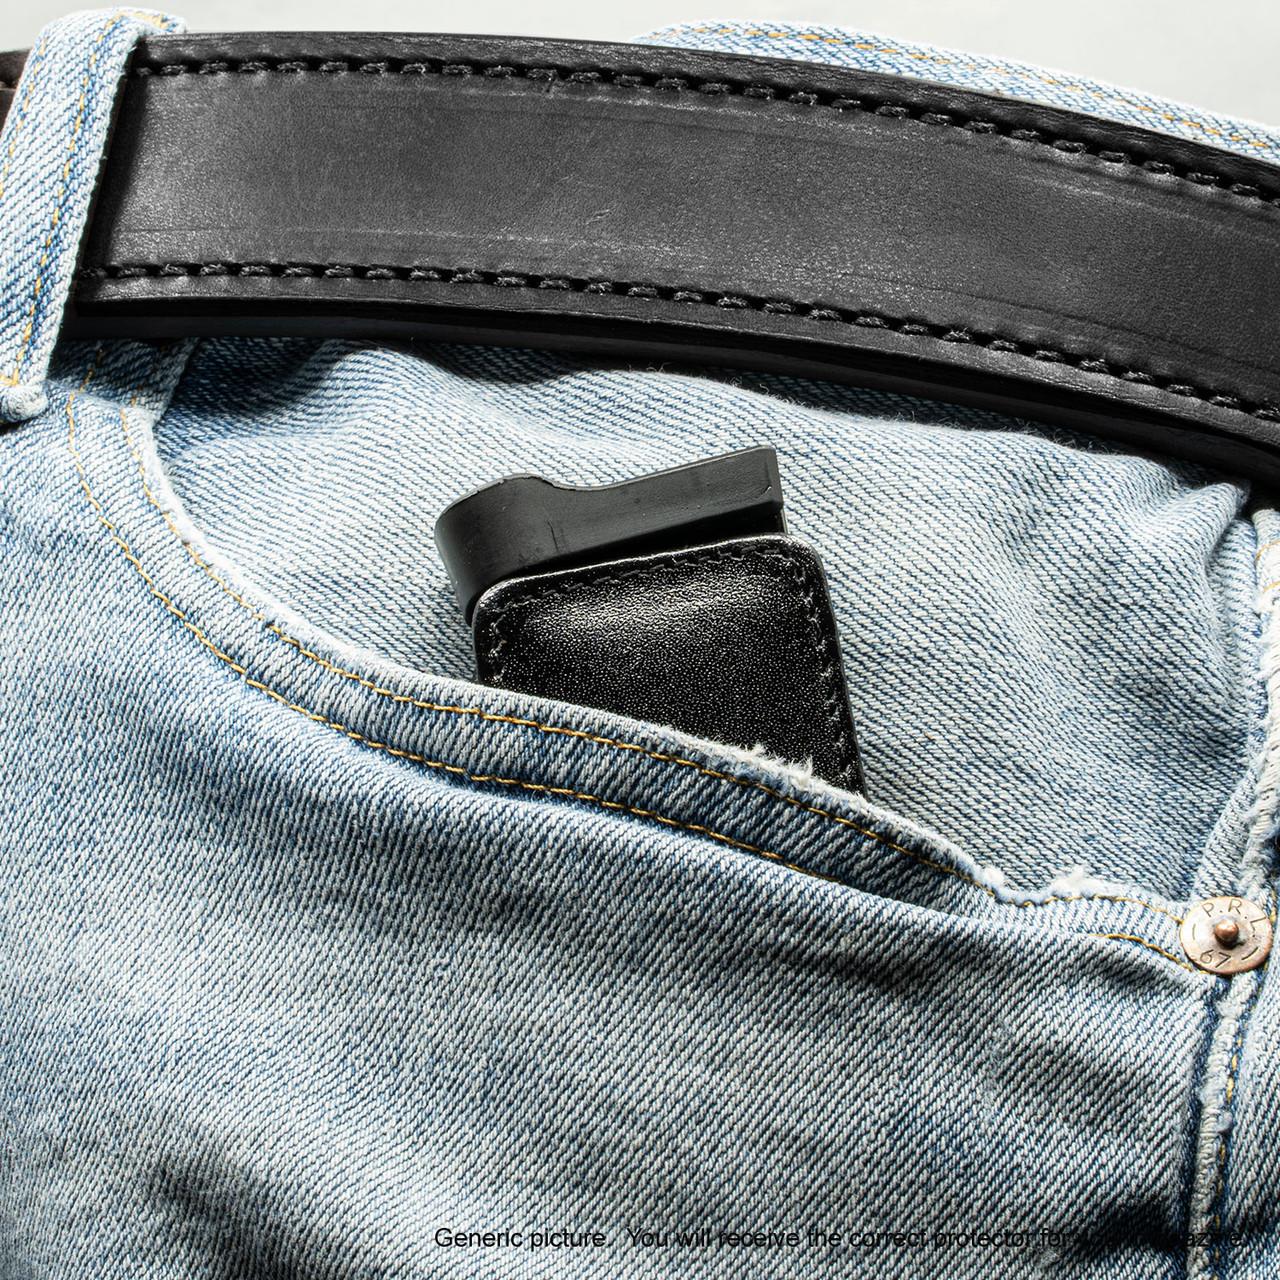 H&K P30 SK Black Leather Magazine Pocket Protector